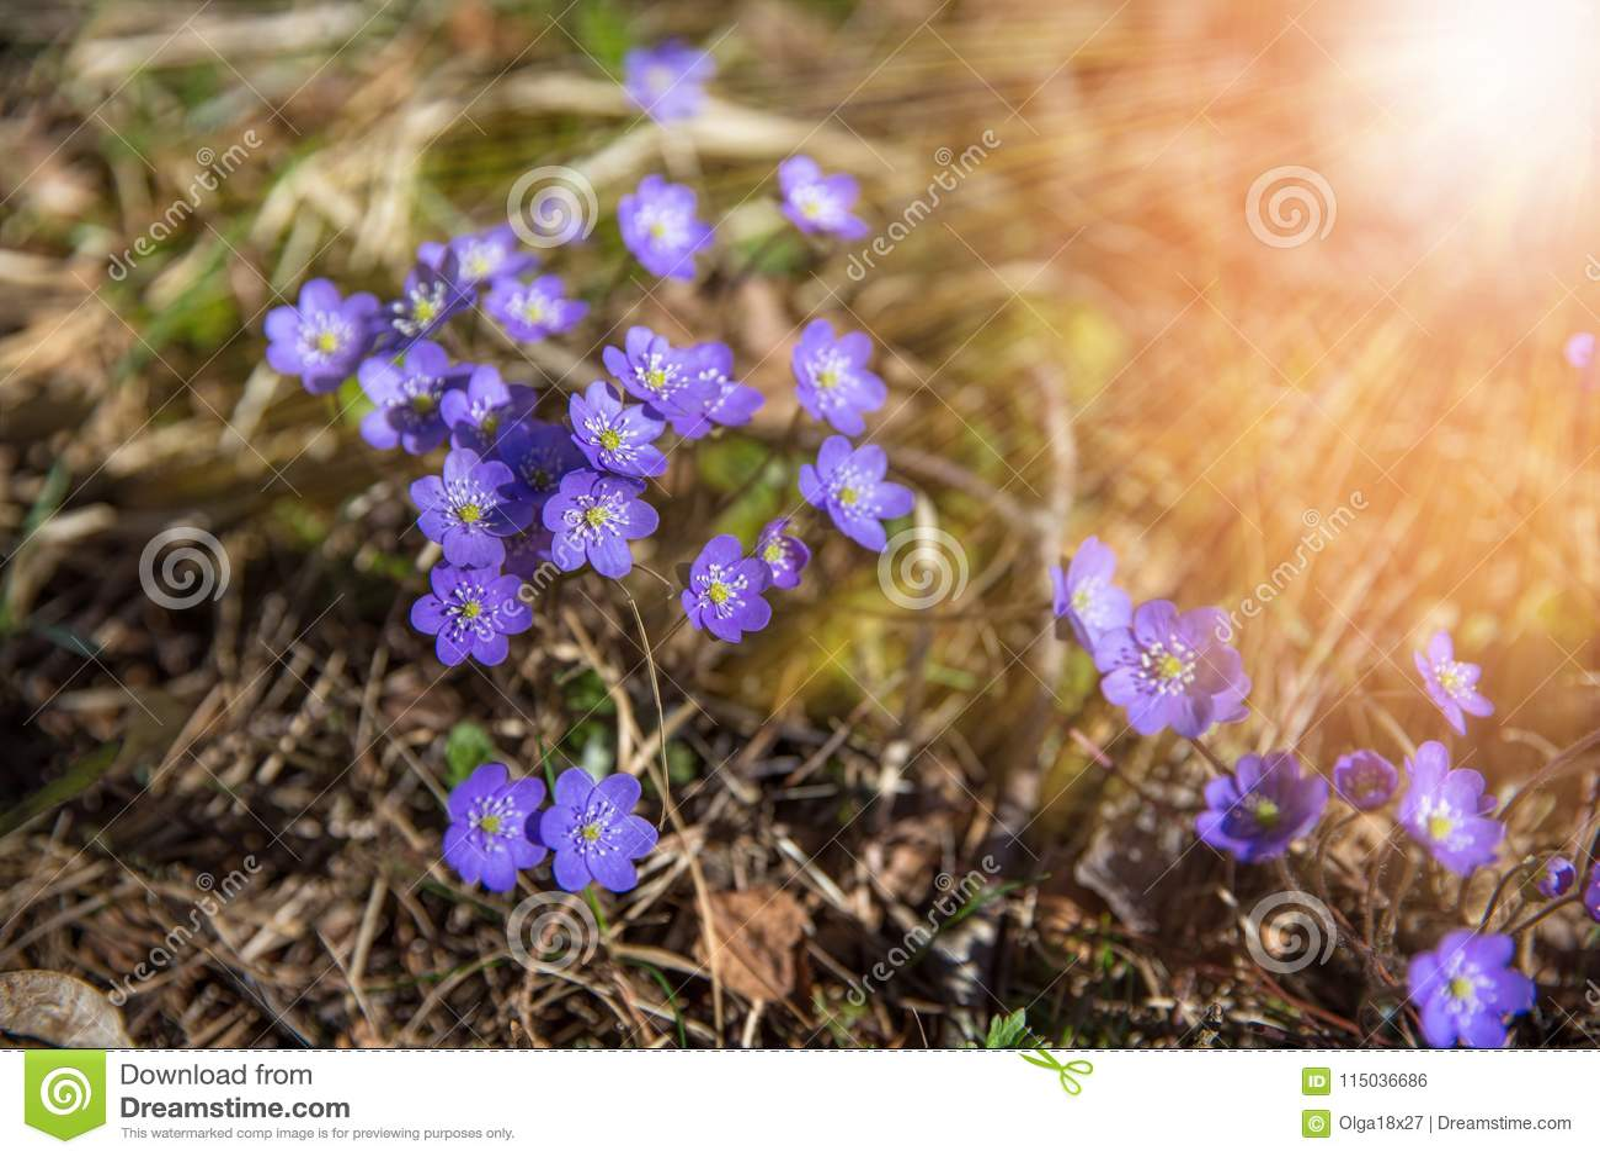 Common Hepatica Hepatica Nobilis In Gardenfirst Spring Flower